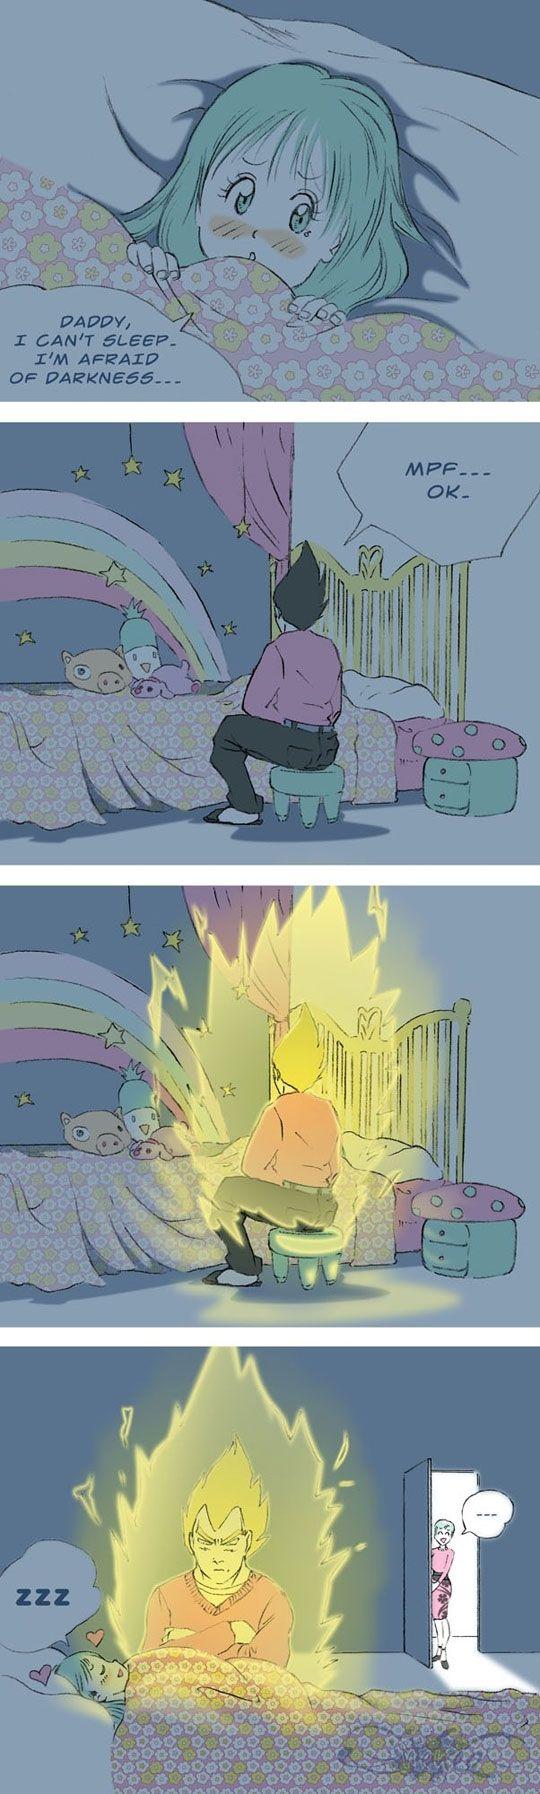 Pais fazem tudo pelos filhos